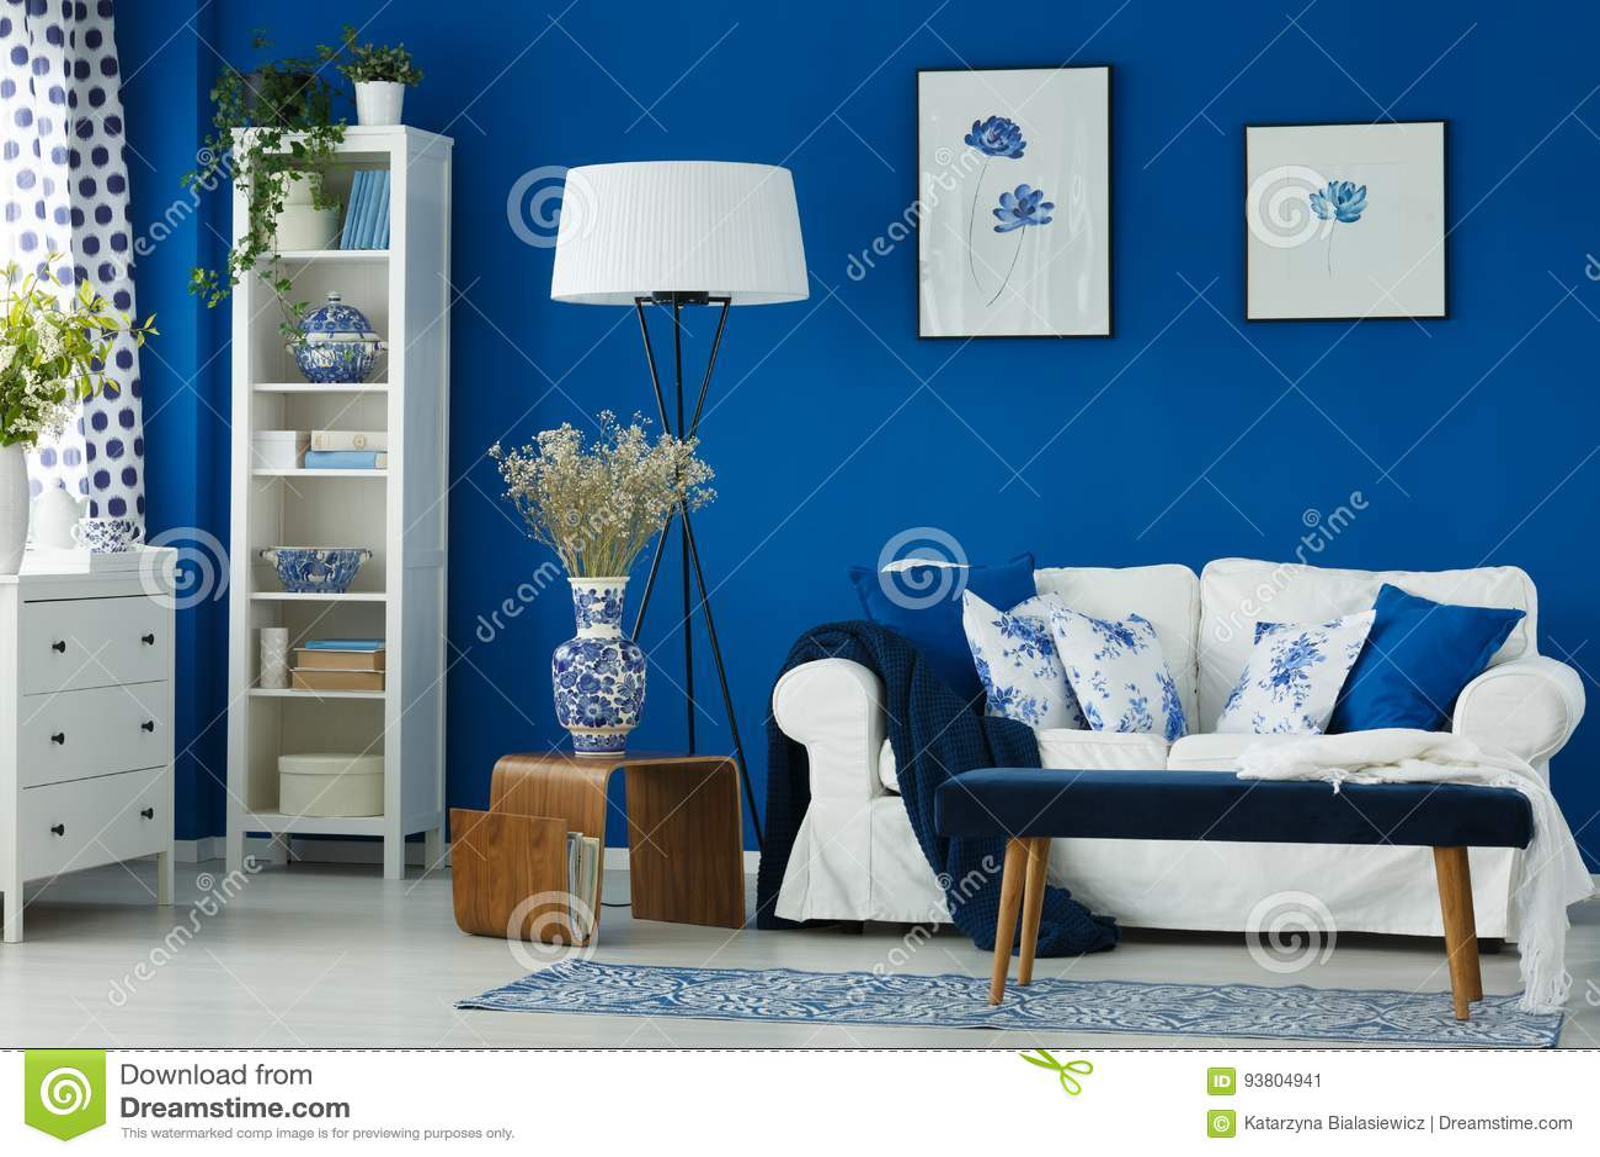 woonkamer met blauwe muren